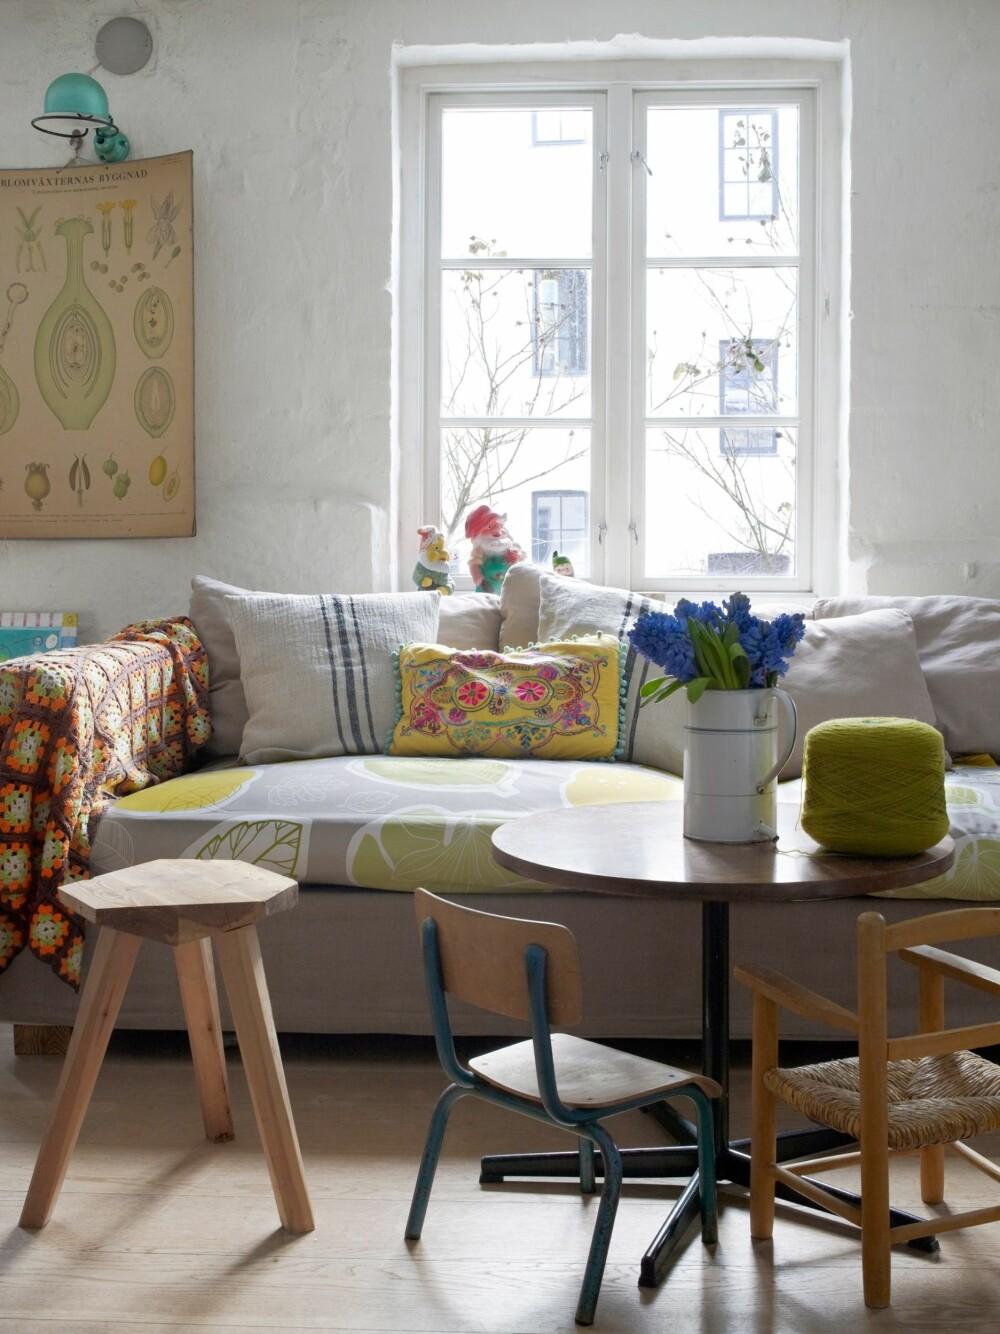 SOFAKROKEN: Sofaen fra Room er en av de få  nye tingene Nina har kjøpt, for mange år siden. Tekstilene  er fra Ikea, det heklede pleddet fra Frankrike. Den turkise  Jielde-lampen lyser opp plansjen Nina har kjøpt på Møllergata  skole, der sønnen er elev. En fransk sykehusmugge er  blitt en fin vase. Bordet er et norsk bruktfunn, de to barnestolene er kjøpt i Frankrike og krakken er laget av Ninas datter.